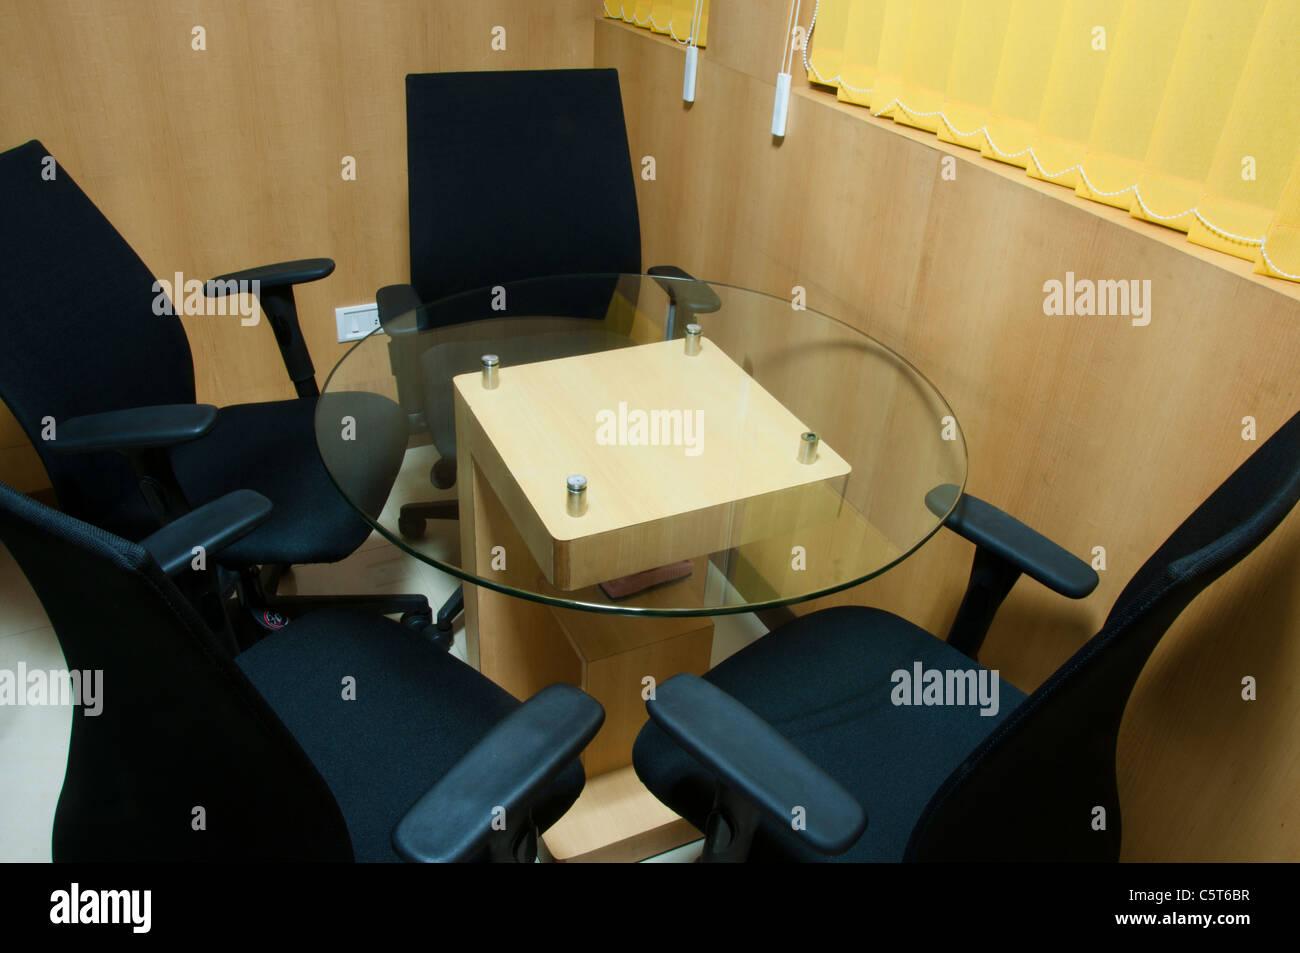 Salle de réunion avec 4 chaises Banque D'Images